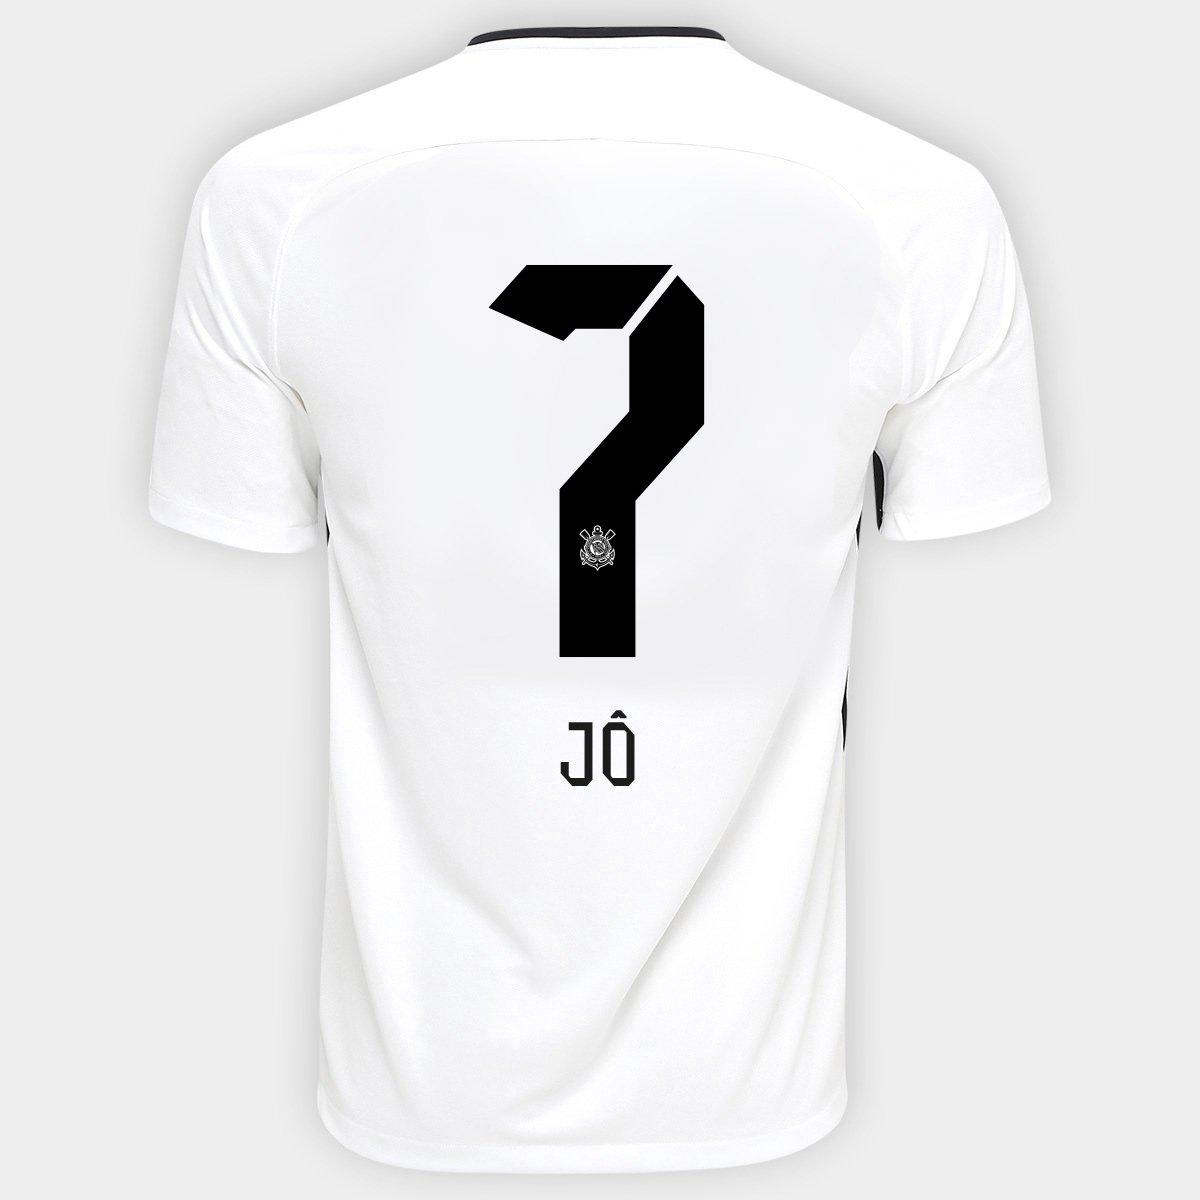 Camisa Nike Corinthians Ii 1718 Nº 7 Jô Compre Agora Netshoes be683fb926c0f